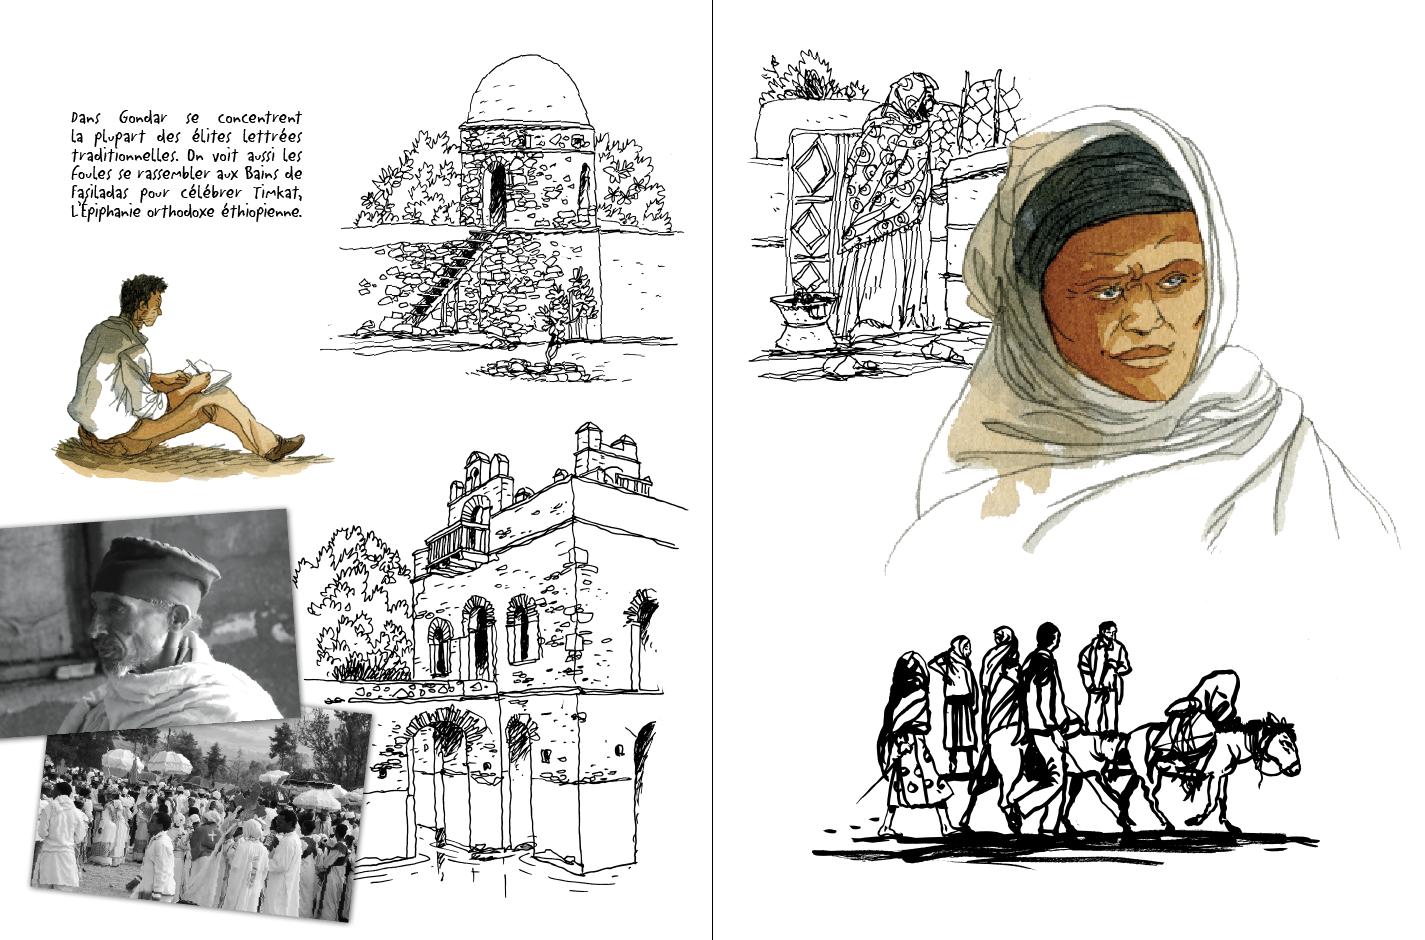 roman graphique, bd, abyssinie, traversée dessinée, Joël Alessandra, corne de l'afrique, éditions Paulsen, djibouti, éthiopie, henry de monfreid, joseph kessel, arthur rimbaud